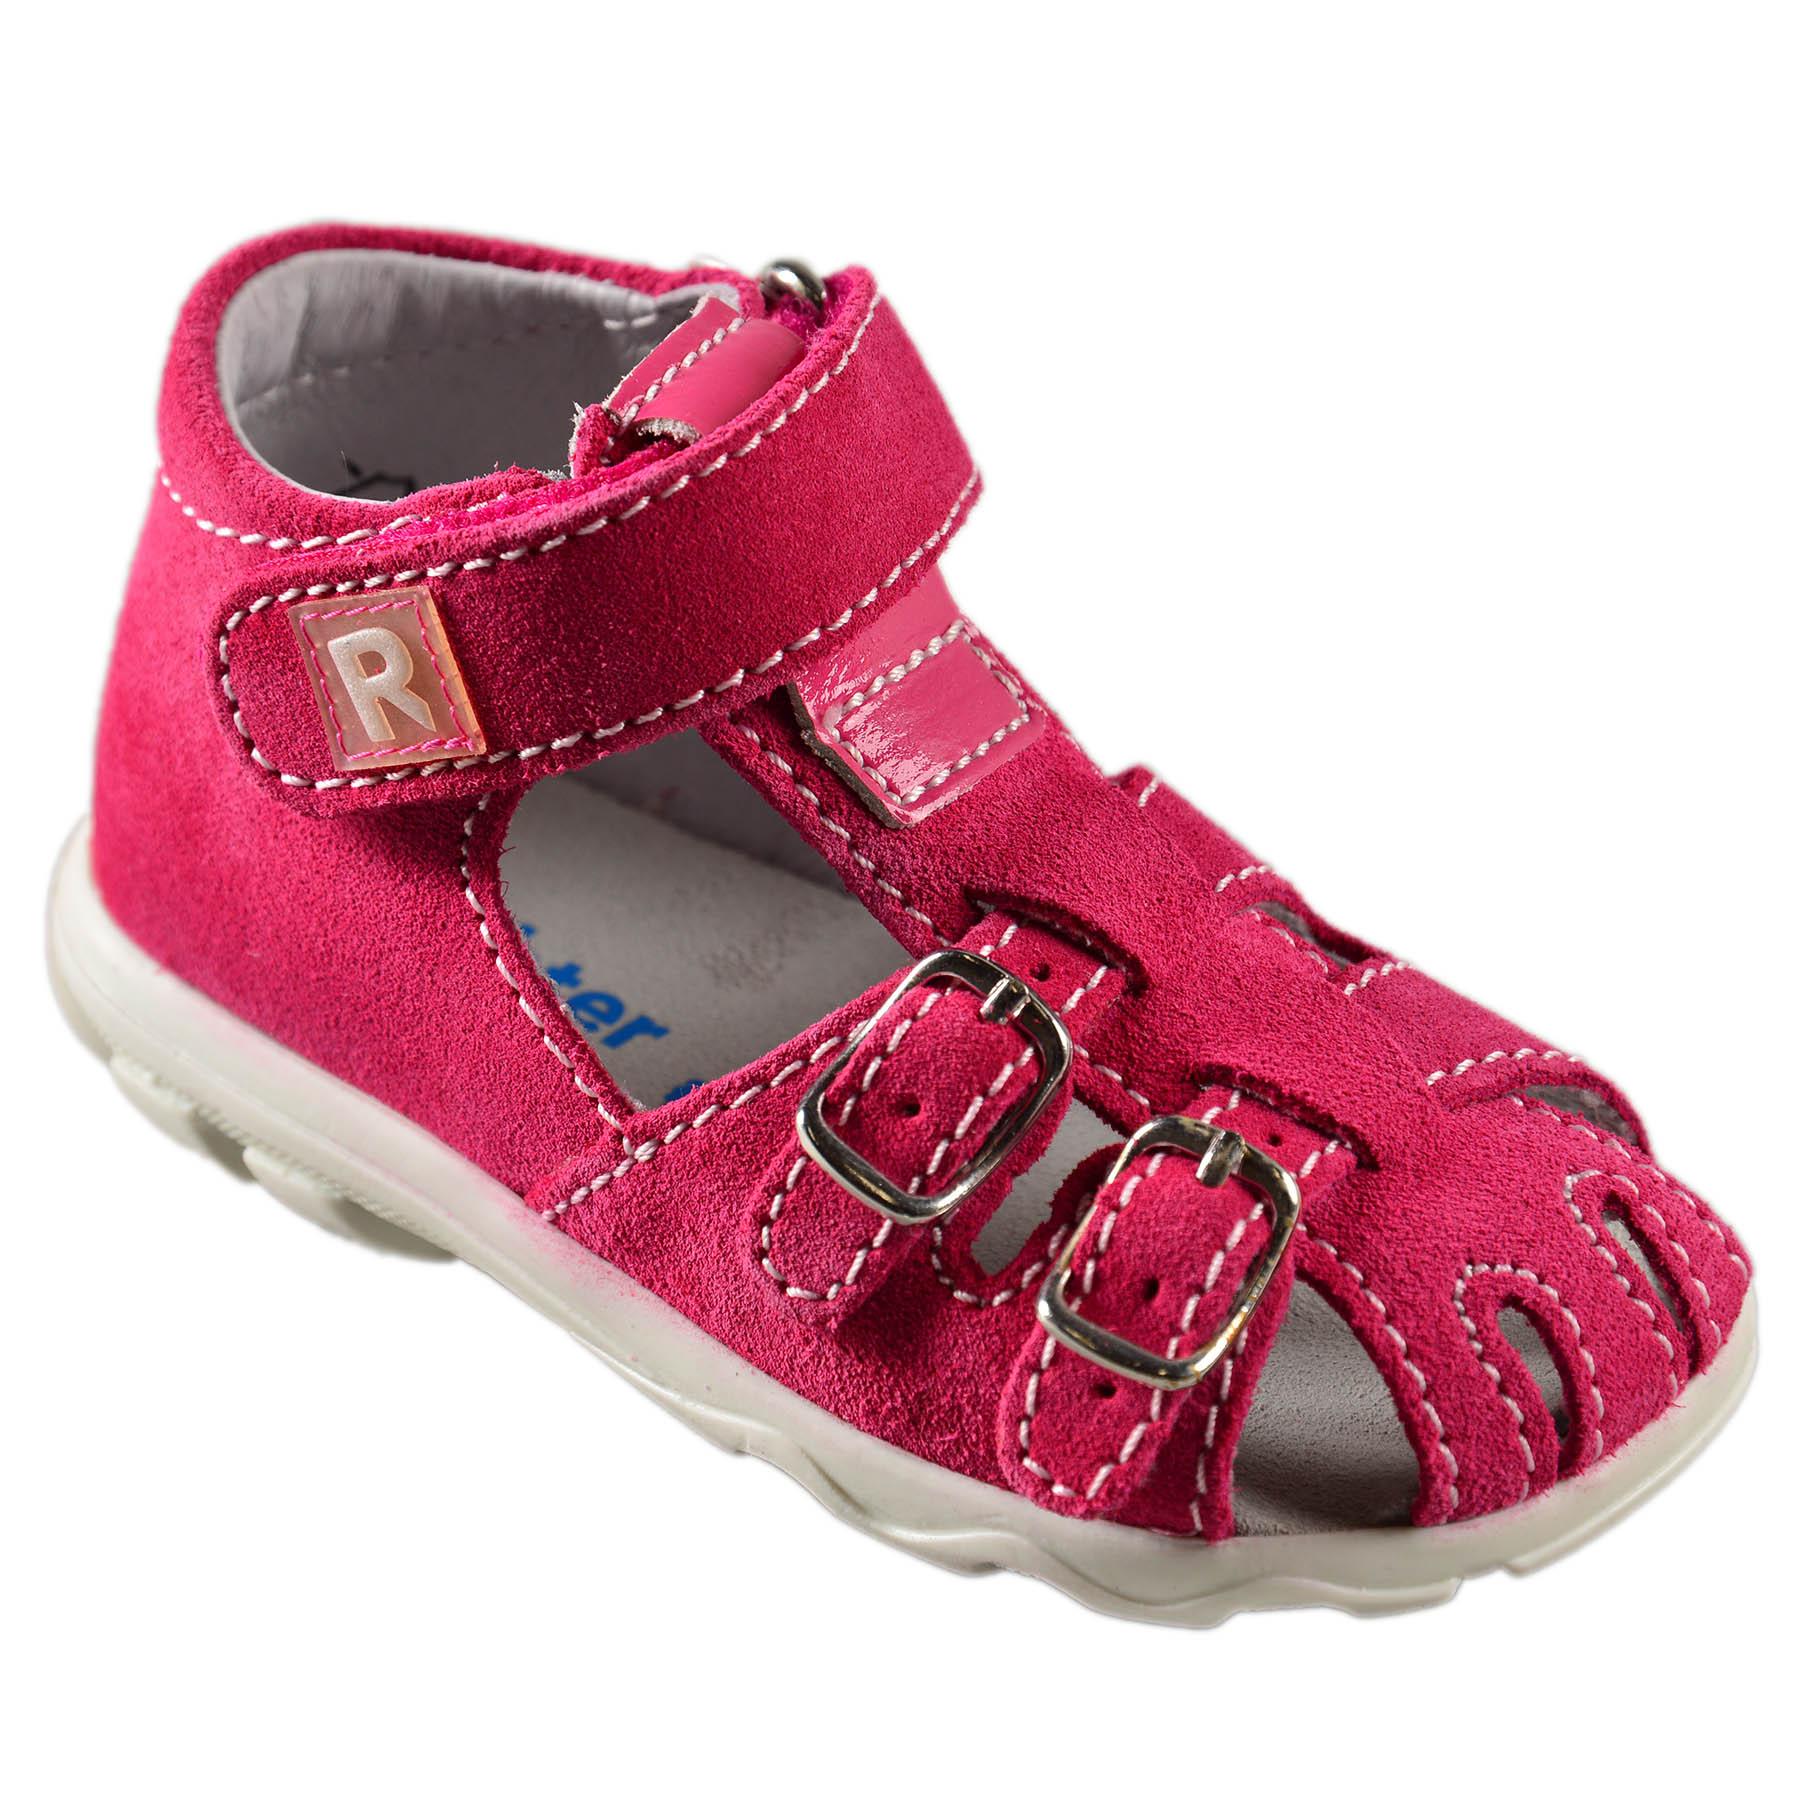 2ade1ba09dce Dievčenské sandálky Richter - 2102-142-3500